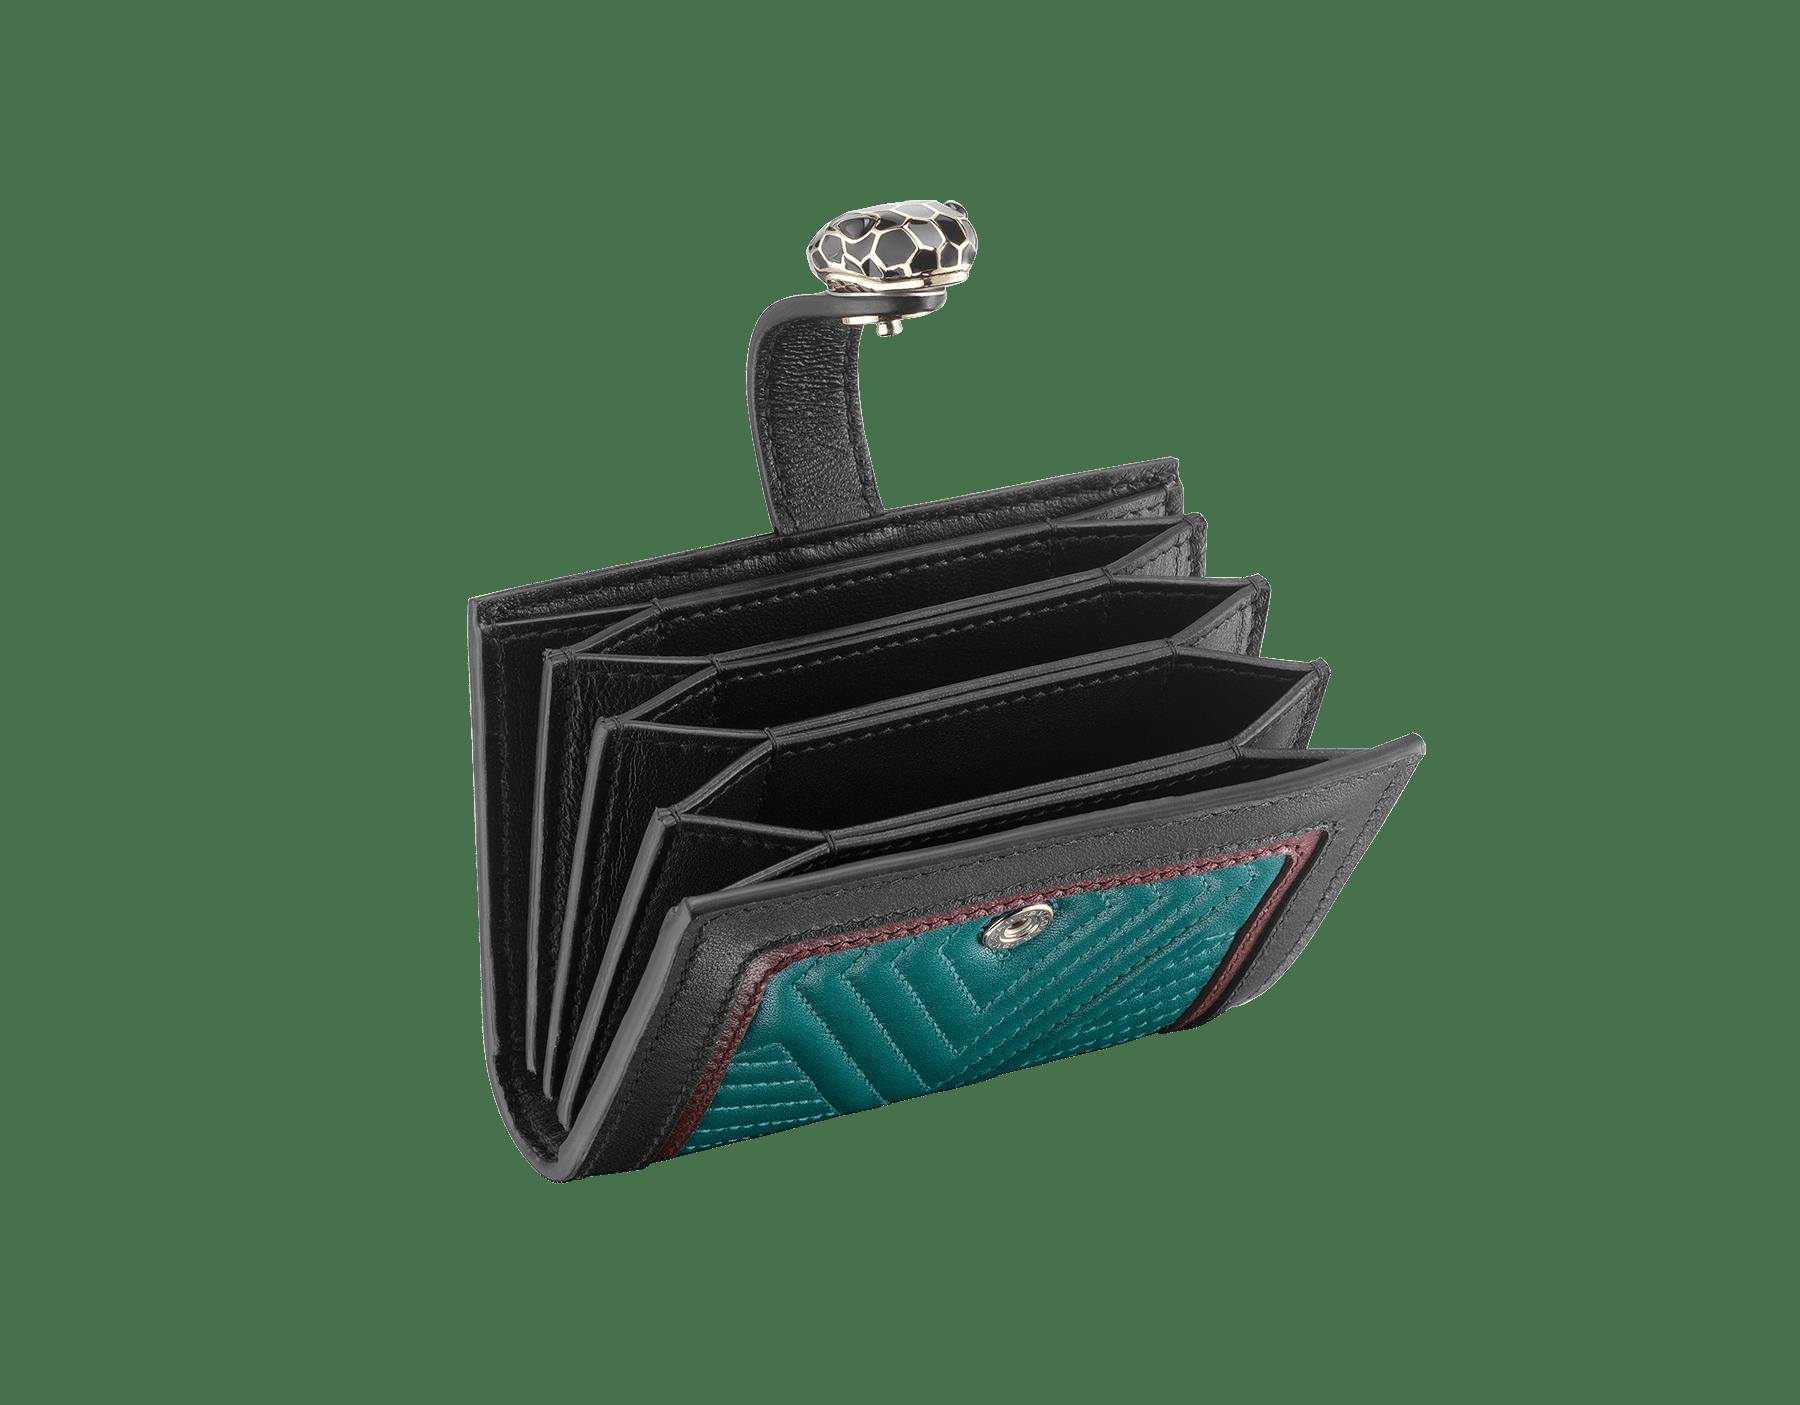 Étui pour cartes de crédit compact Serpenti Diamond Blast en cuir nappa matelassé couleur Deep Jade et en cuir de veau noir et couleur grenat. Fermoir Serpenti emblématique en émail noir et blanc avec yeux en émail noir. 288195 image 2